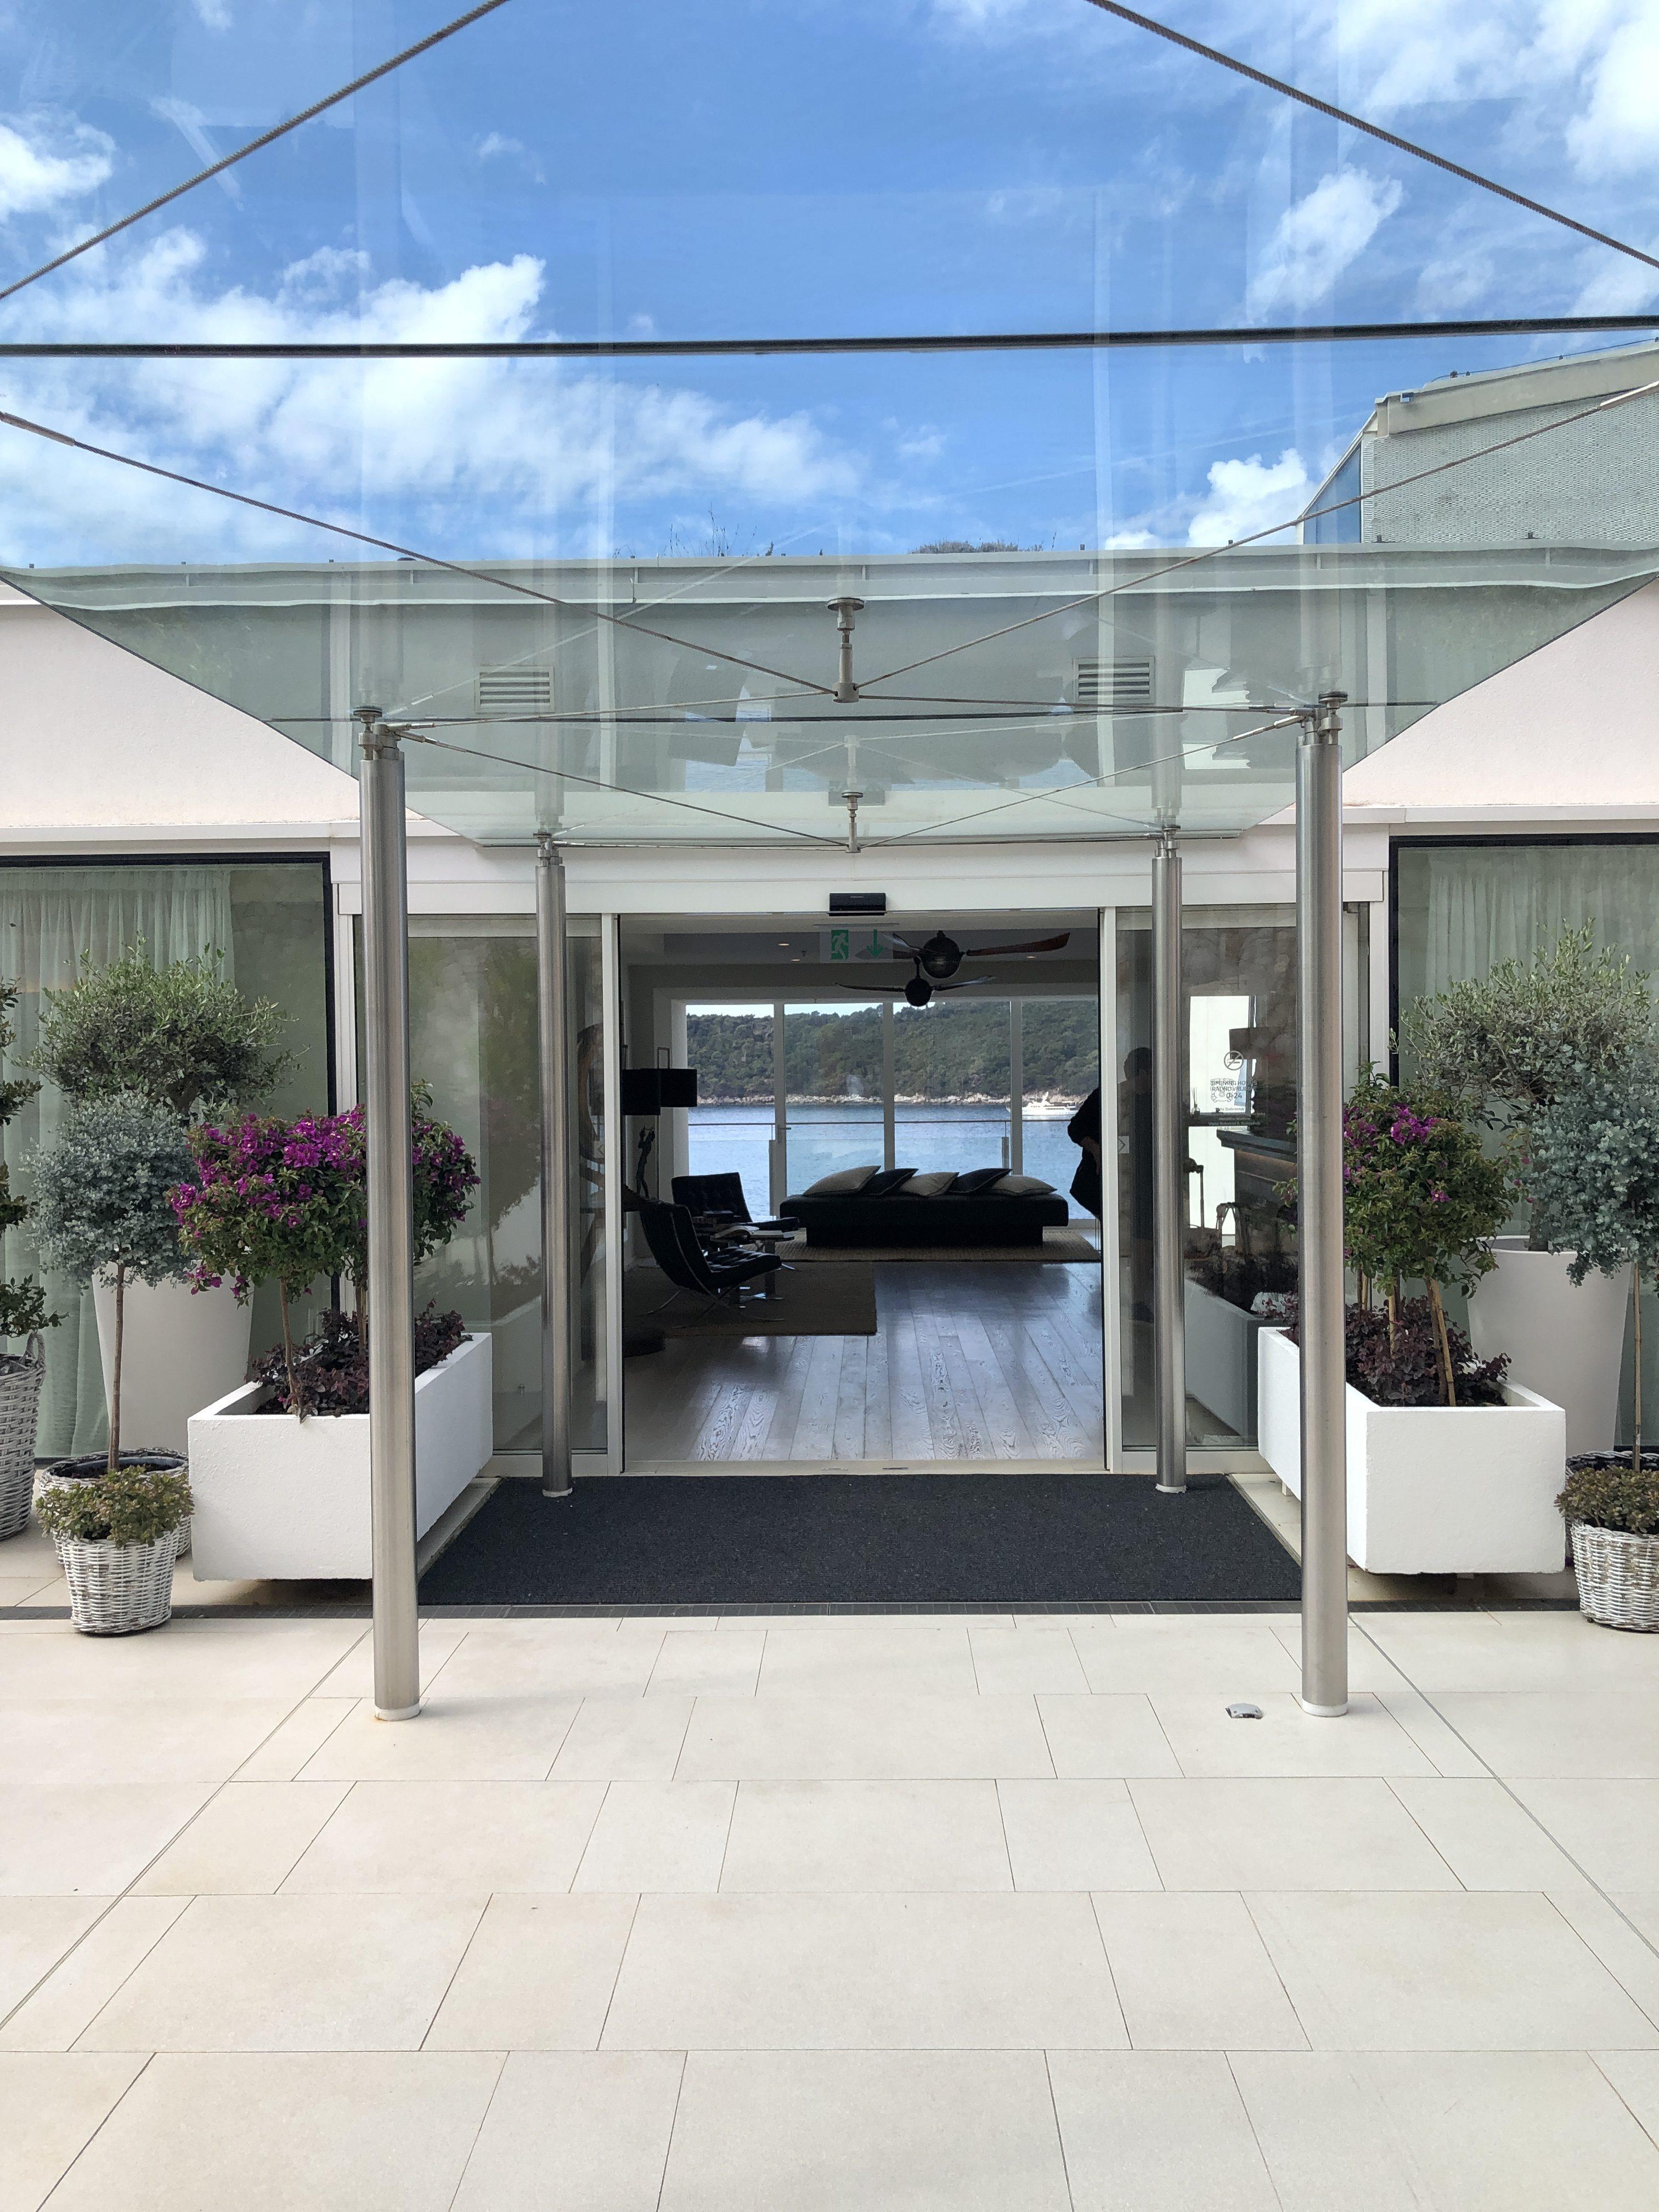 Villa Dubrovnik Entrance - 5 Star Hotel